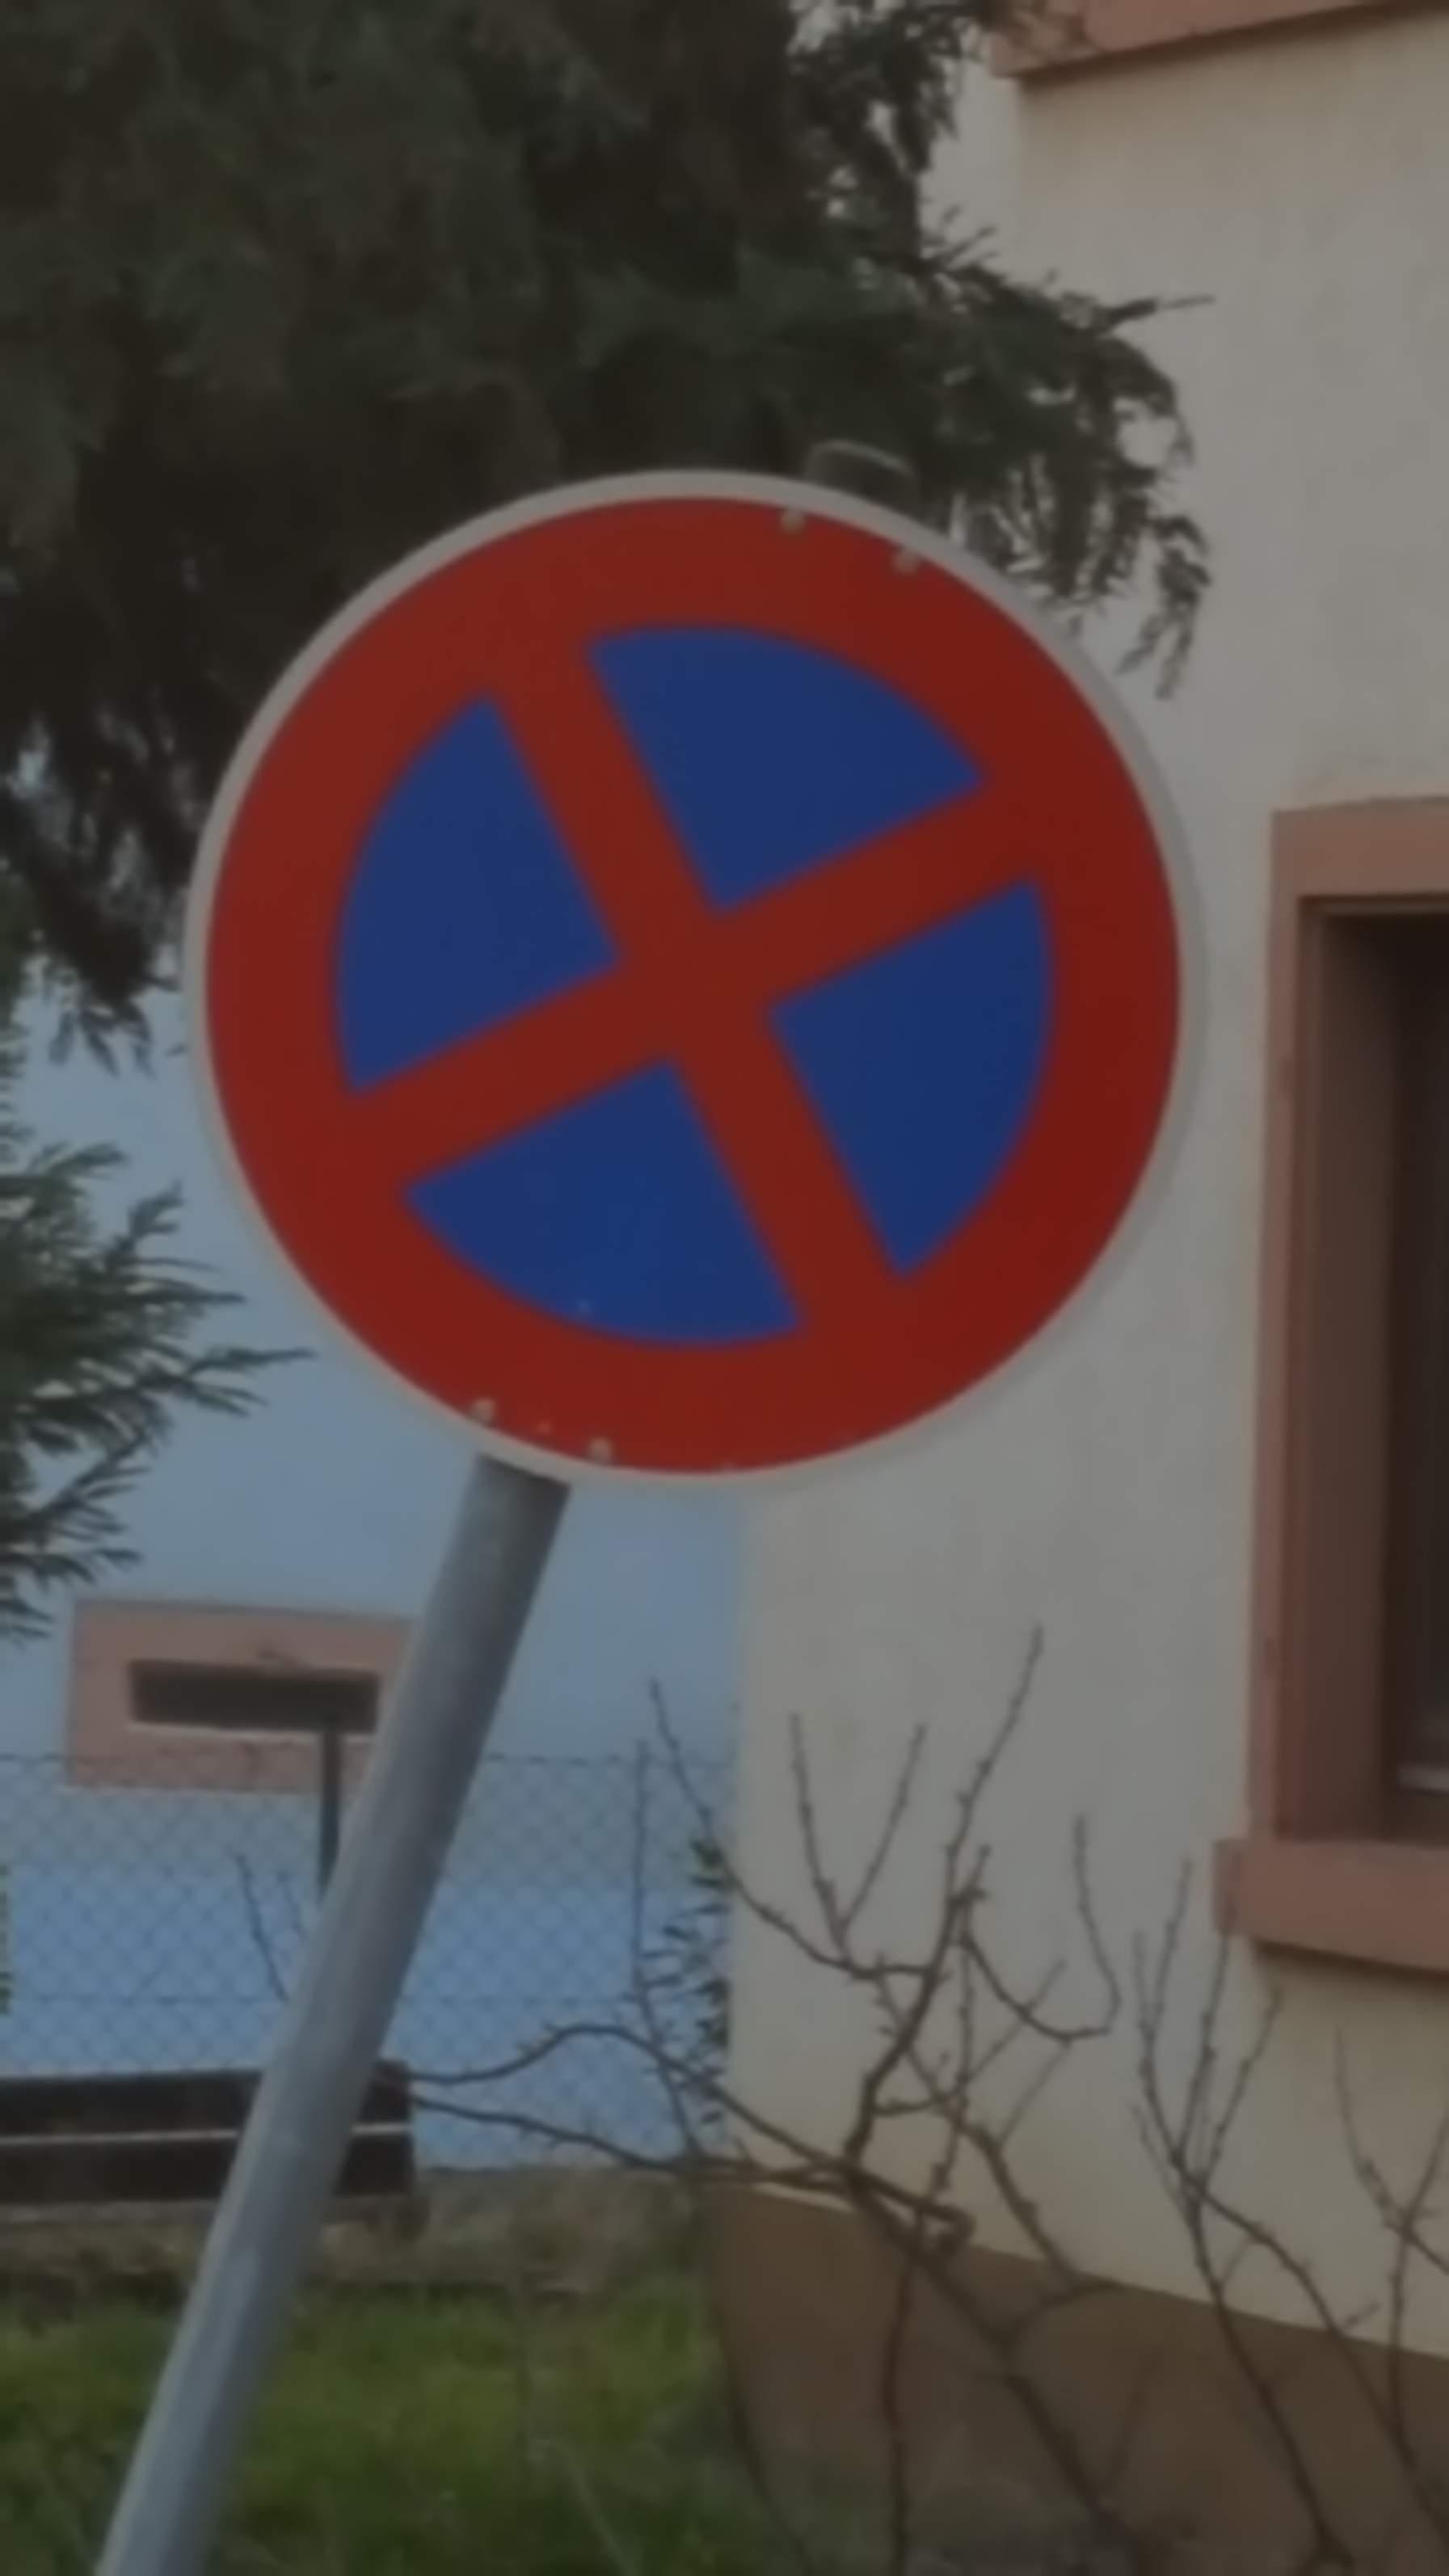 Halteverbotszeichen, Verkehrsschild